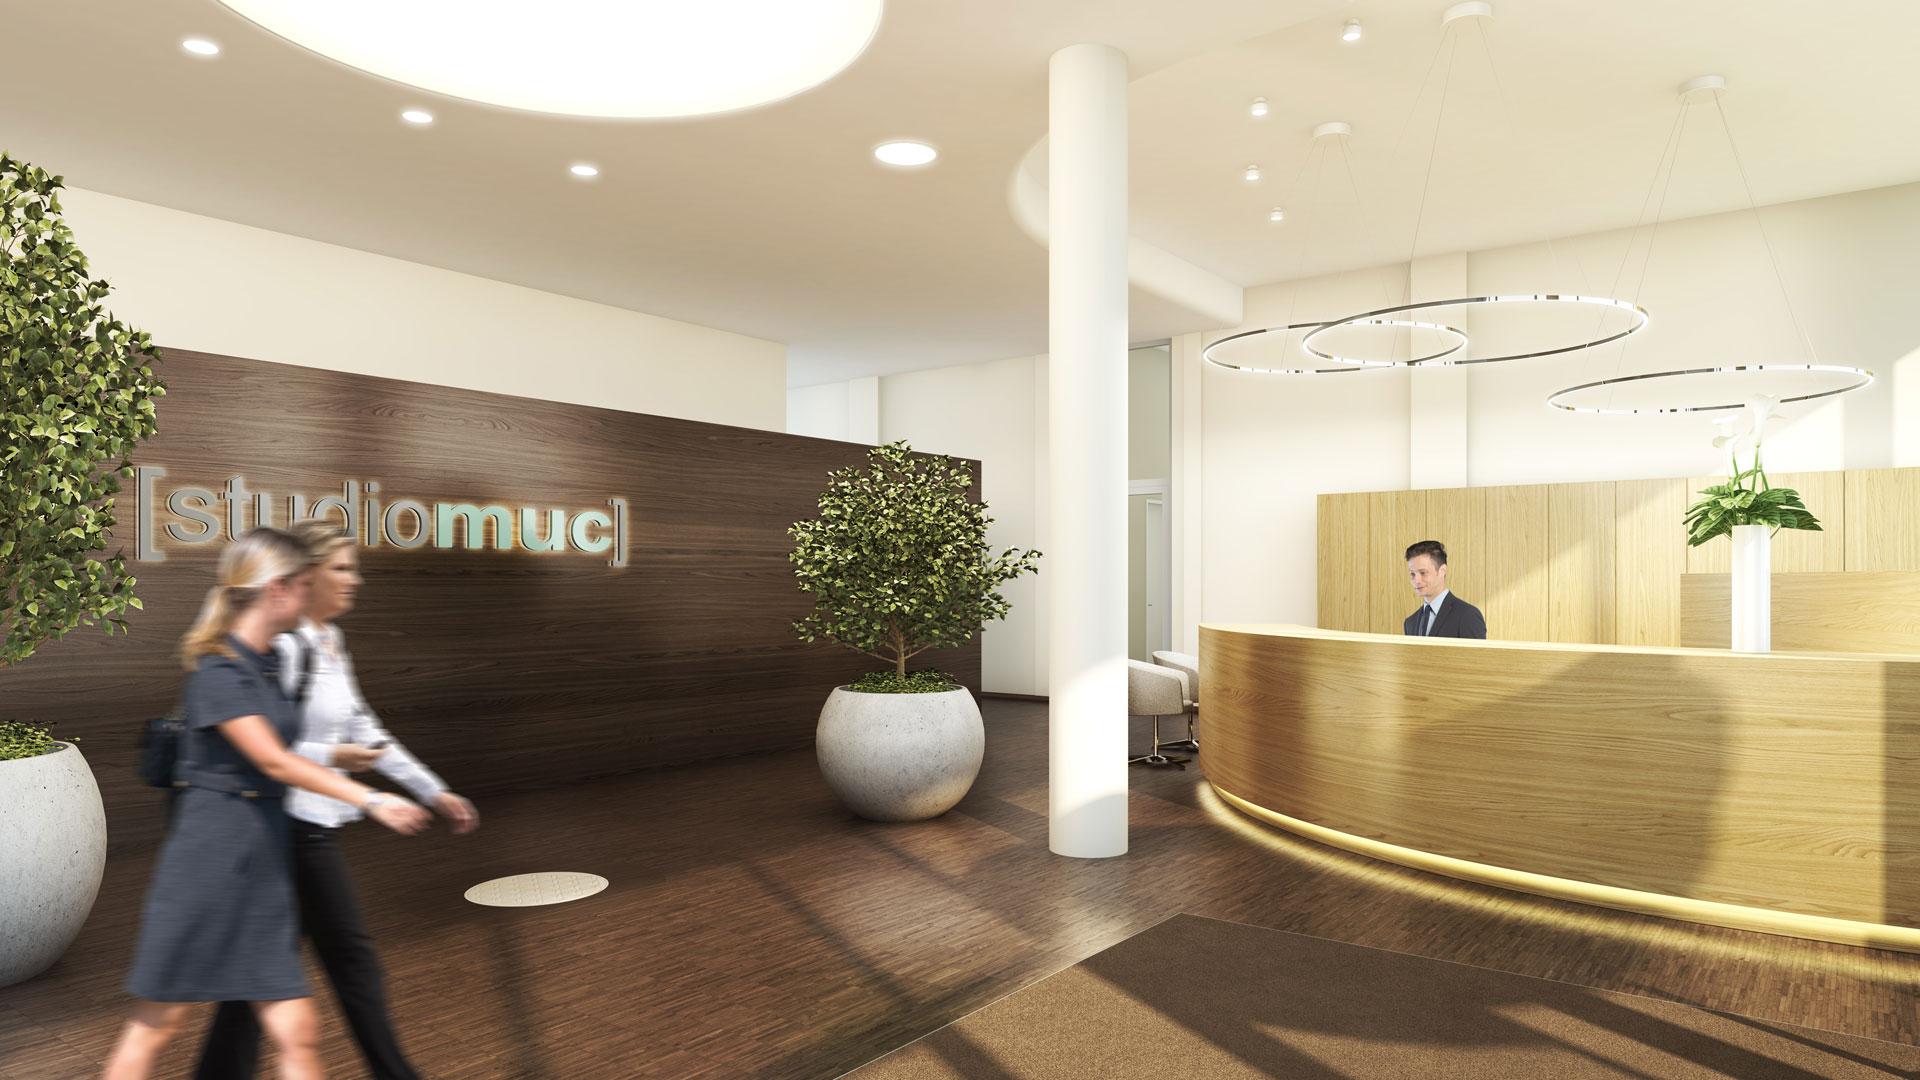 Eingangsbereich des studiomuc Apartmenthauses in München-Schwabing mit Gestaltung des Foyers mit Empfangstresen und Wandvertäfelung aus Holz durch Innenarchitektin Barbara Jurk vom Architekturbüro atelier8